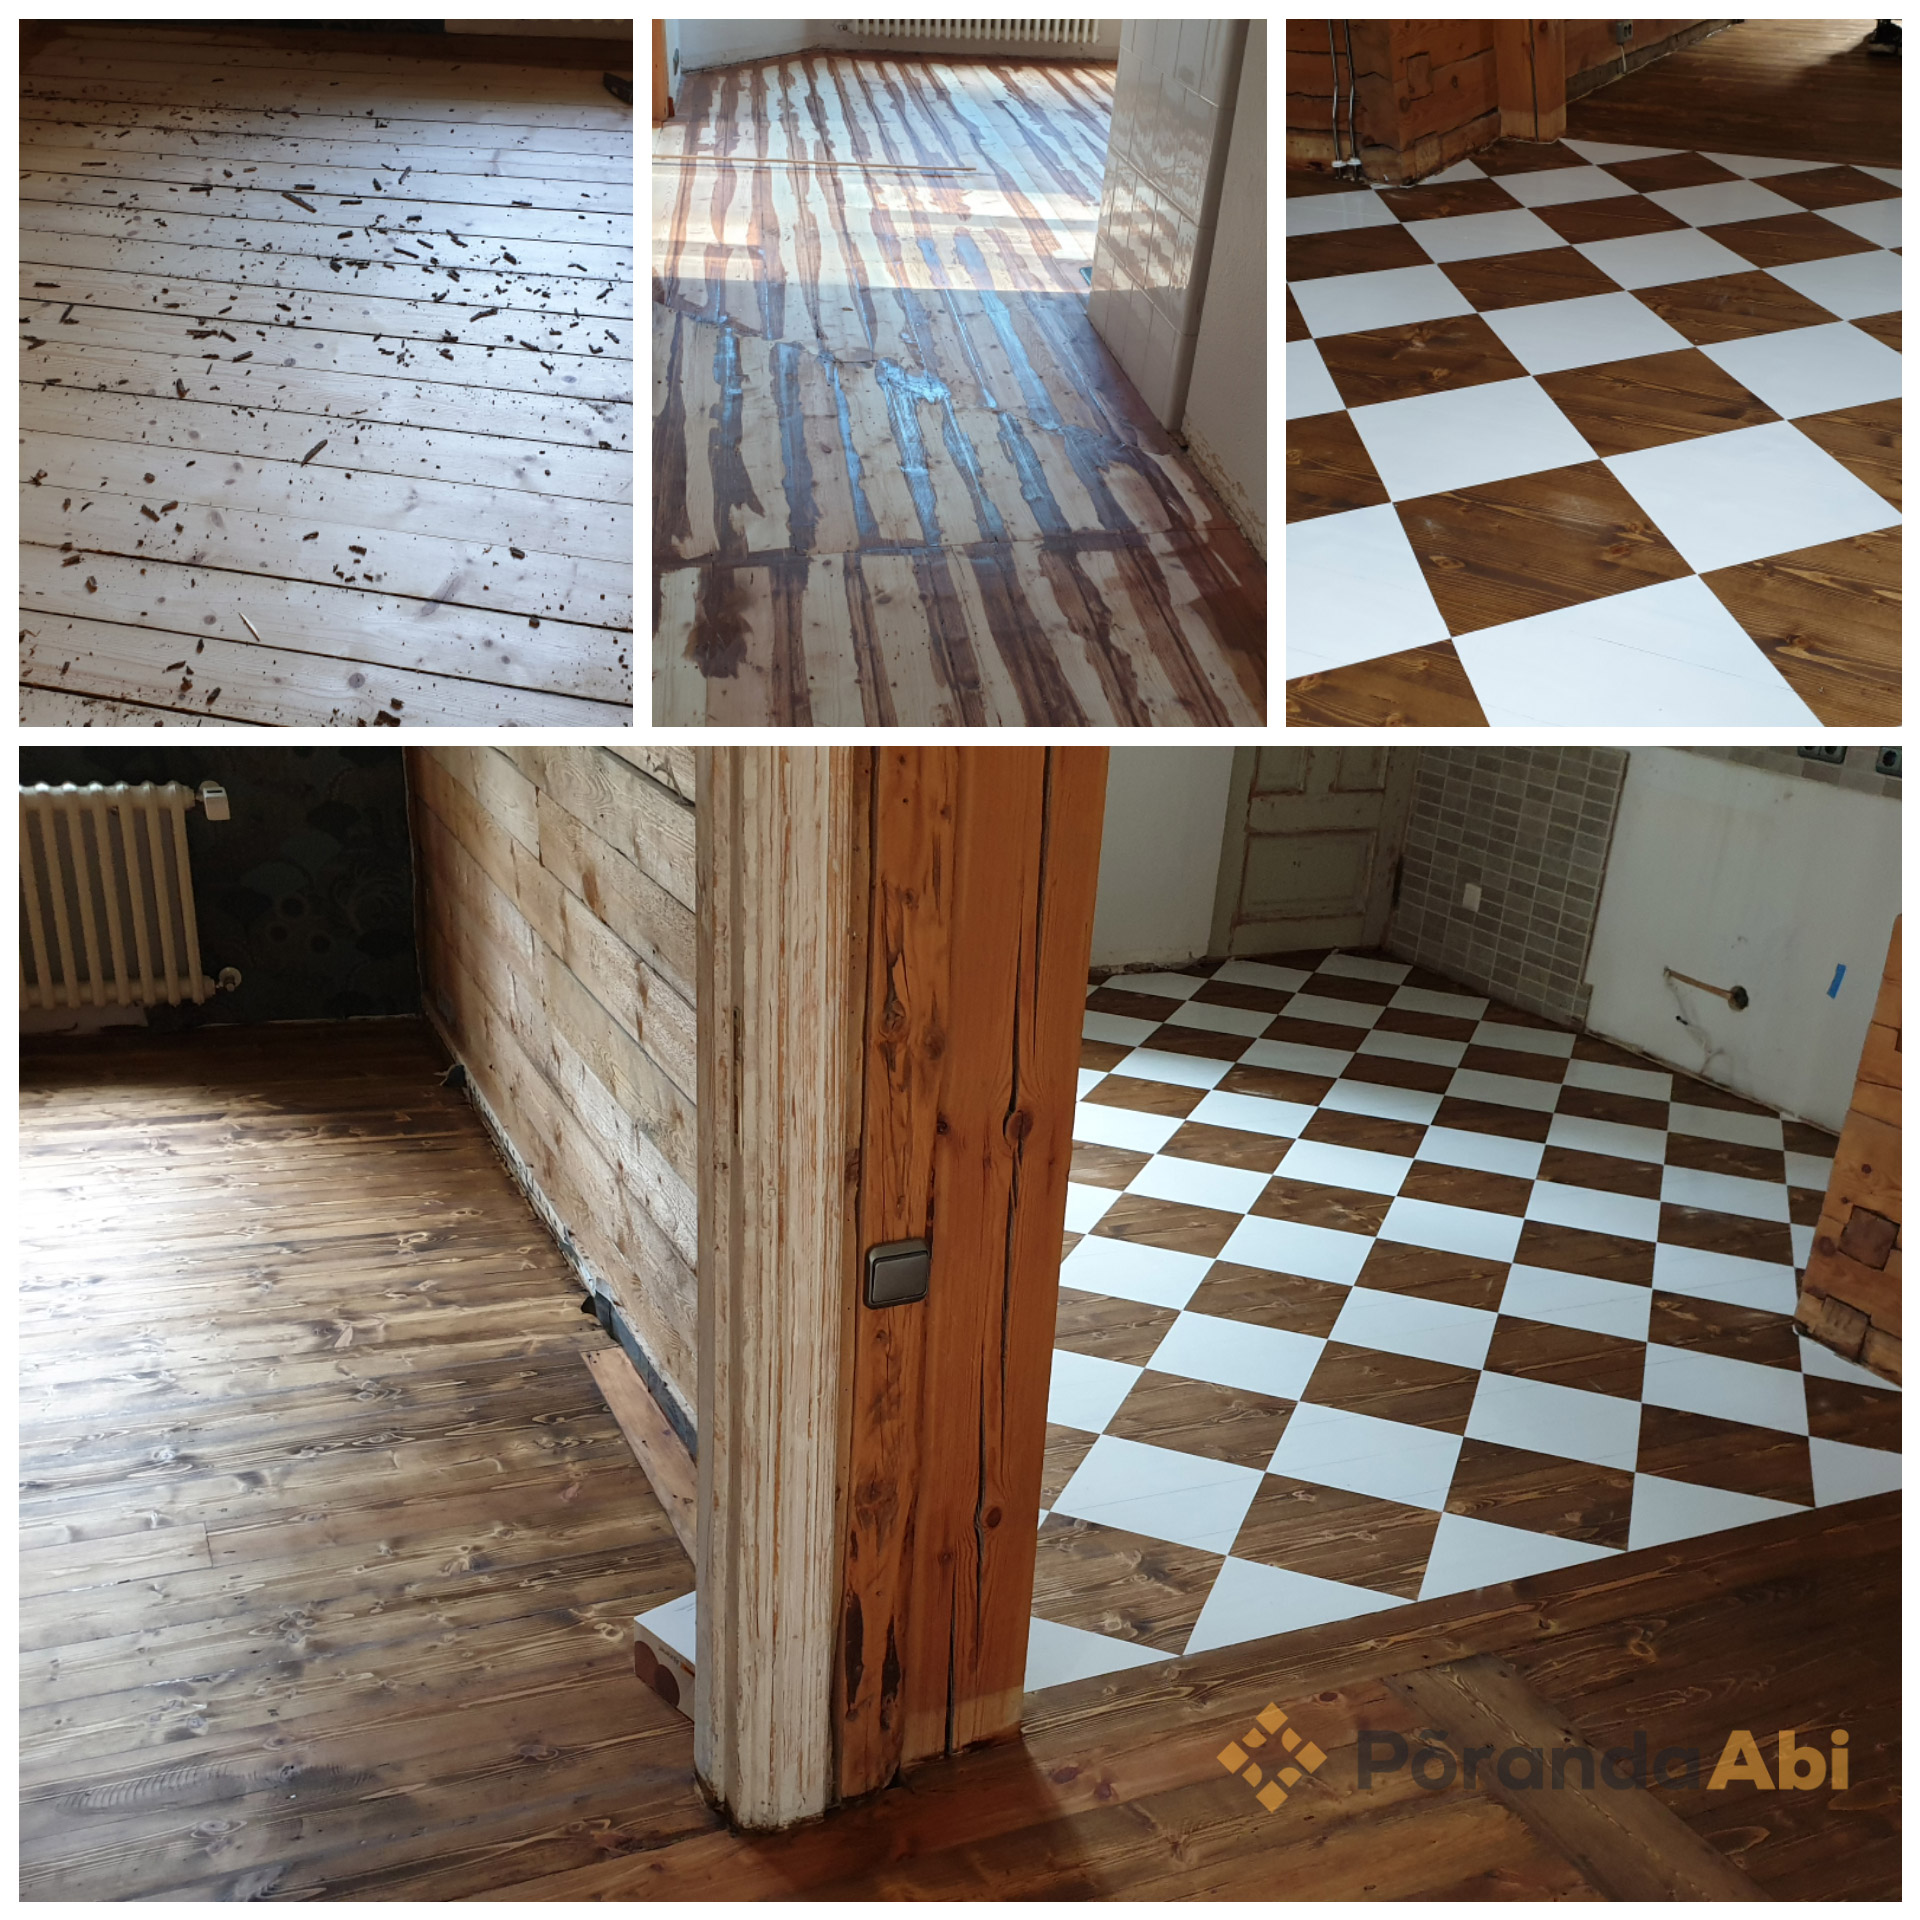 Vana põranda taastamine ja renoveerimine